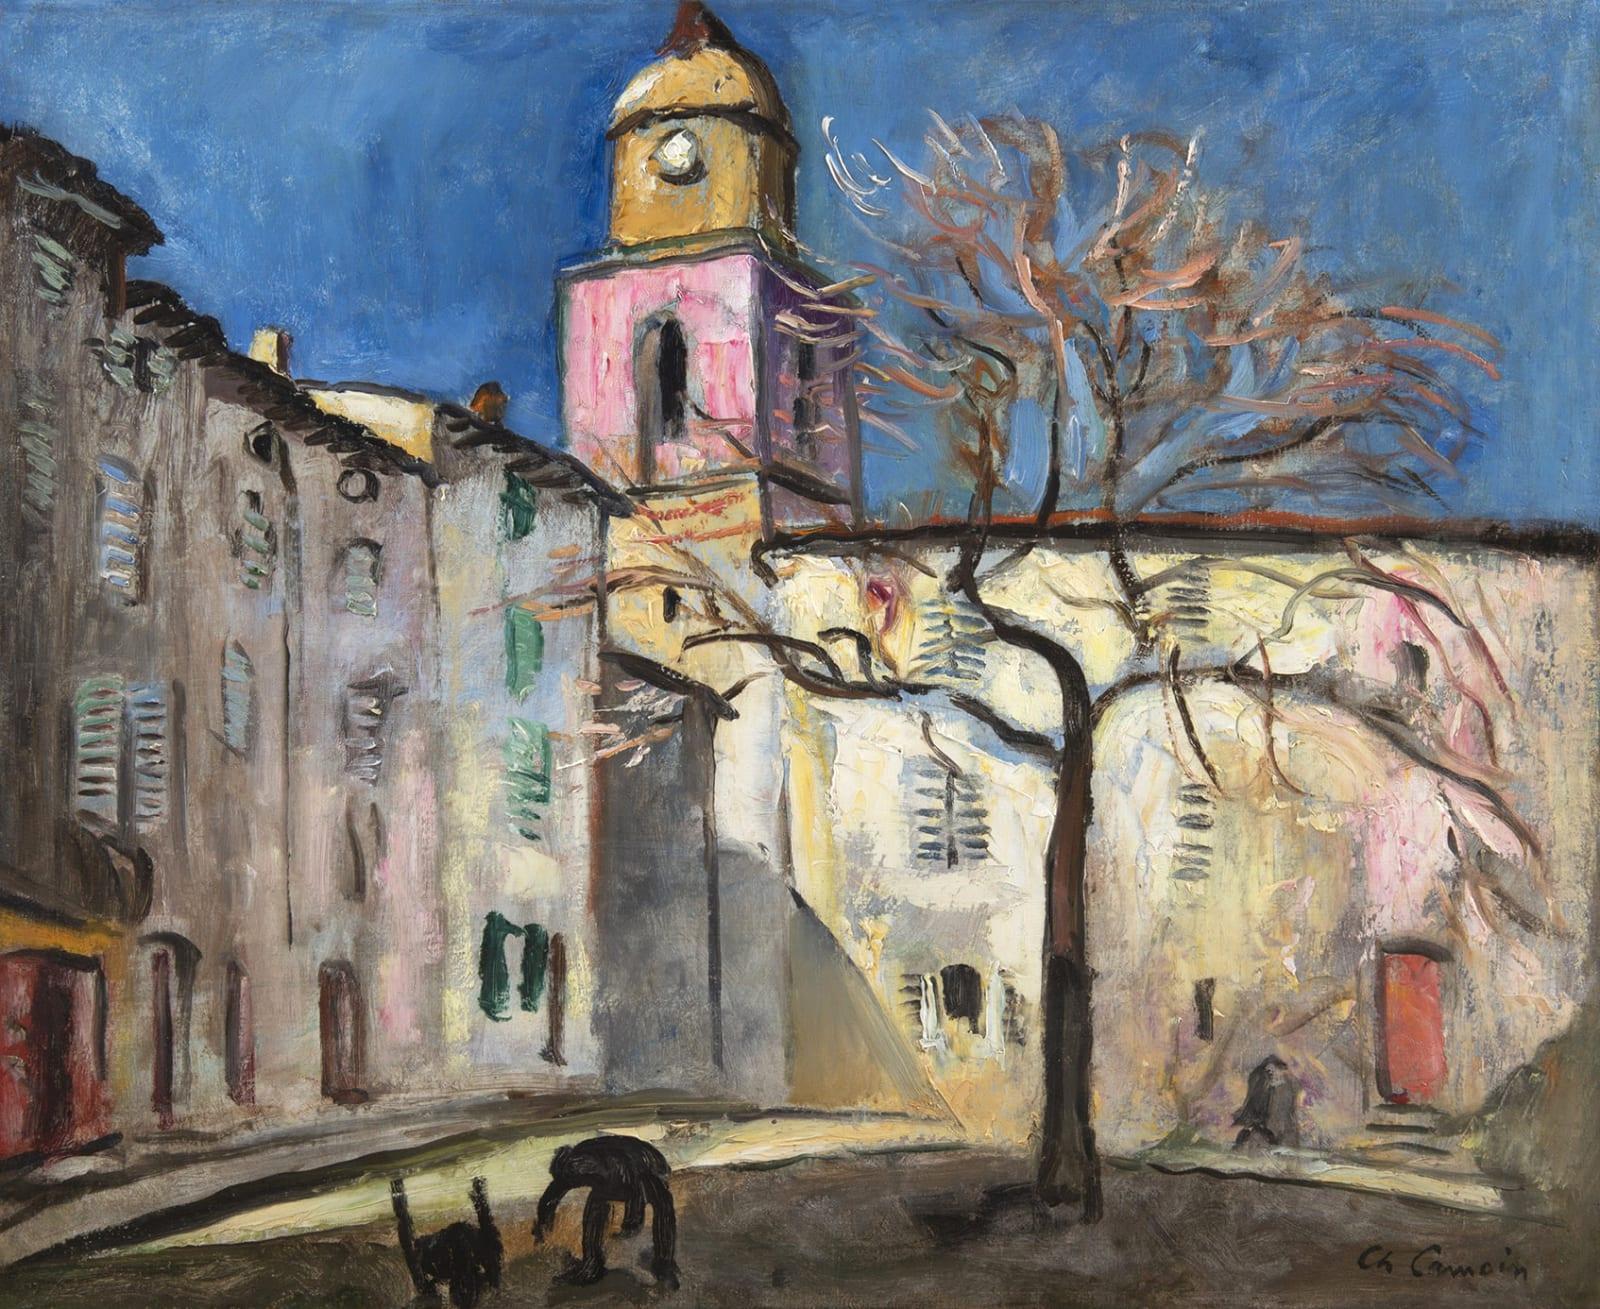 CHARLES CAMOIN, Place de l'Ormeau à Saint-Tropez, 1921